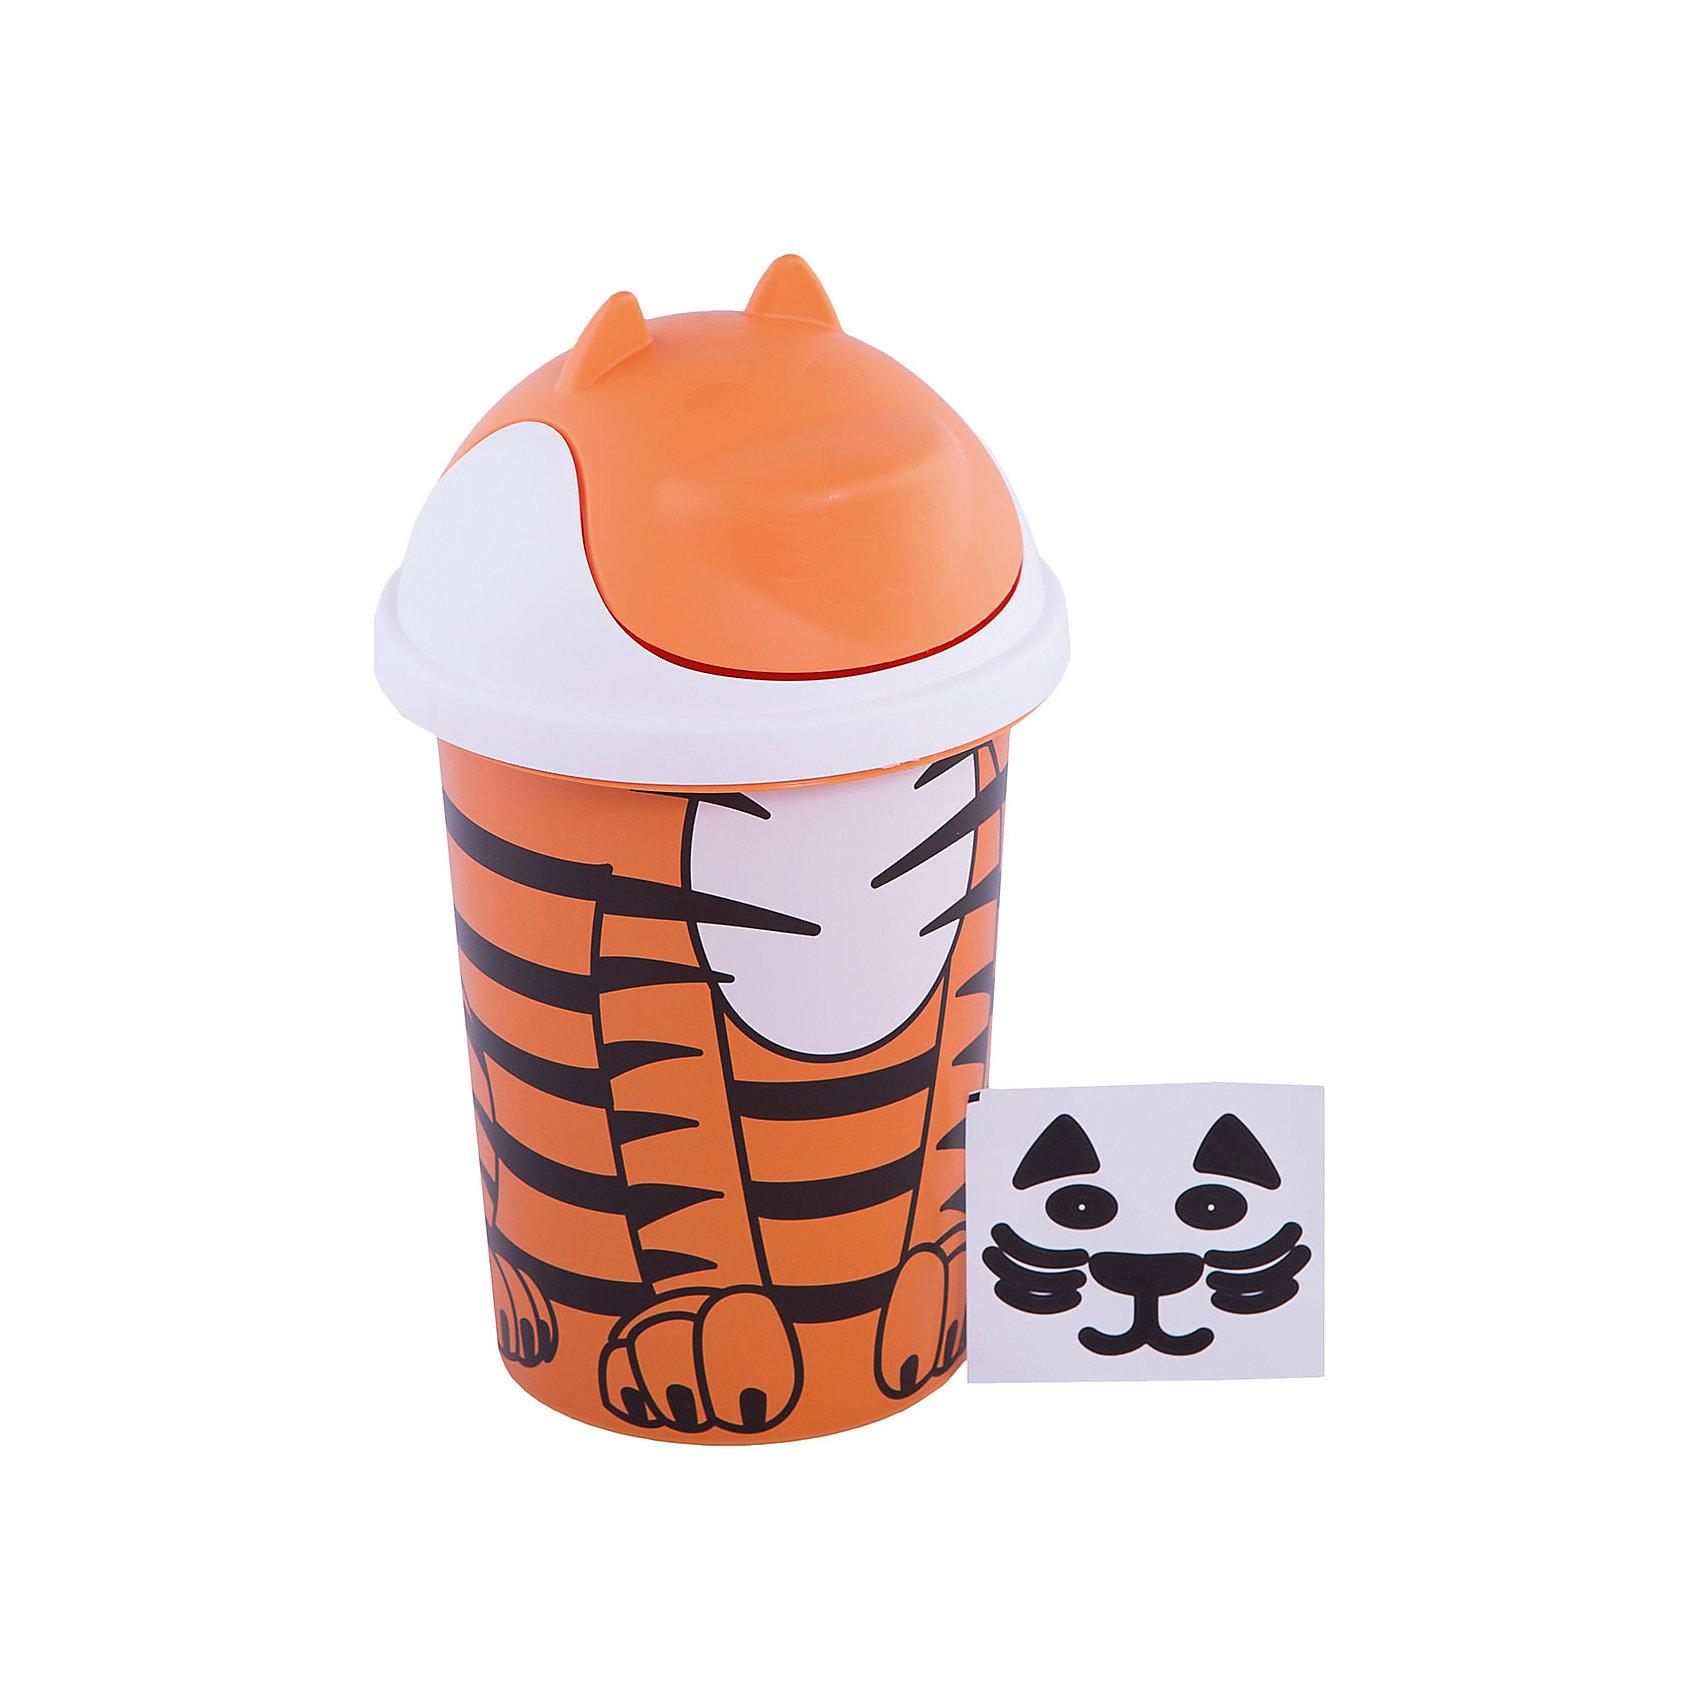 Корзина для игрушек 10 л. Jungle, Little Angel, оранжевыйКорзина для игрушек 10 л. Jungle, Little Angel, оранжевый изготовлена отечественным производителем . Выполненная из высококачественного пластика, устойчивого к внешним повреждениям и изменению цвета, корзина станет не только необходимым предметом для хранения детских игрушек и принадлежностей, но и украсит детскую комнату своим ярким дизайном. Корзина выполнена в форме забавного тигренка с откидывающейся круглой крышкой, которая имитирует мордочку животного.<br>Компактный размер идеально подходит для хранения детских игрушек в небольших помещениях. <br>Корзина для игрушек 10 л. Jungle, Little Angel, оранжевый  достаточно прост в уходе, его можно протирать влажной губкой или мыть в теплой воде. <br><br>Дополнительная информация:<br><br>- Предназначение: для дома<br>- Цвет: оранжевый, черный<br>- Пол: для мальчика/для девочки<br>- Материал: пластик<br>- Размер (Д*Ш*В): 27*27*44 см<br>- Объем: 12 л<br>- Вес: 464 г<br>- Особенности ухода: разрешается мыть теплой водой<br><br>Подробнее:<br><br>• Для детей в возрасте: от 2 лет и до 7 лет<br>• Страна производитель: Россия<br>• Торговый бренд: Little Angel<br><br>Корзину для игрушек 10 л. Jungle, Little Angel, оранжевый  можно купить в нашем интернет-магазине.<br><br>Ширина мм: 270<br>Глубина мм: 270<br>Высота мм: 440<br>Вес г: 464<br>Возраст от месяцев: 24<br>Возраст до месяцев: 84<br>Пол: Унисекс<br>Возраст: Детский<br>SKU: 4881789